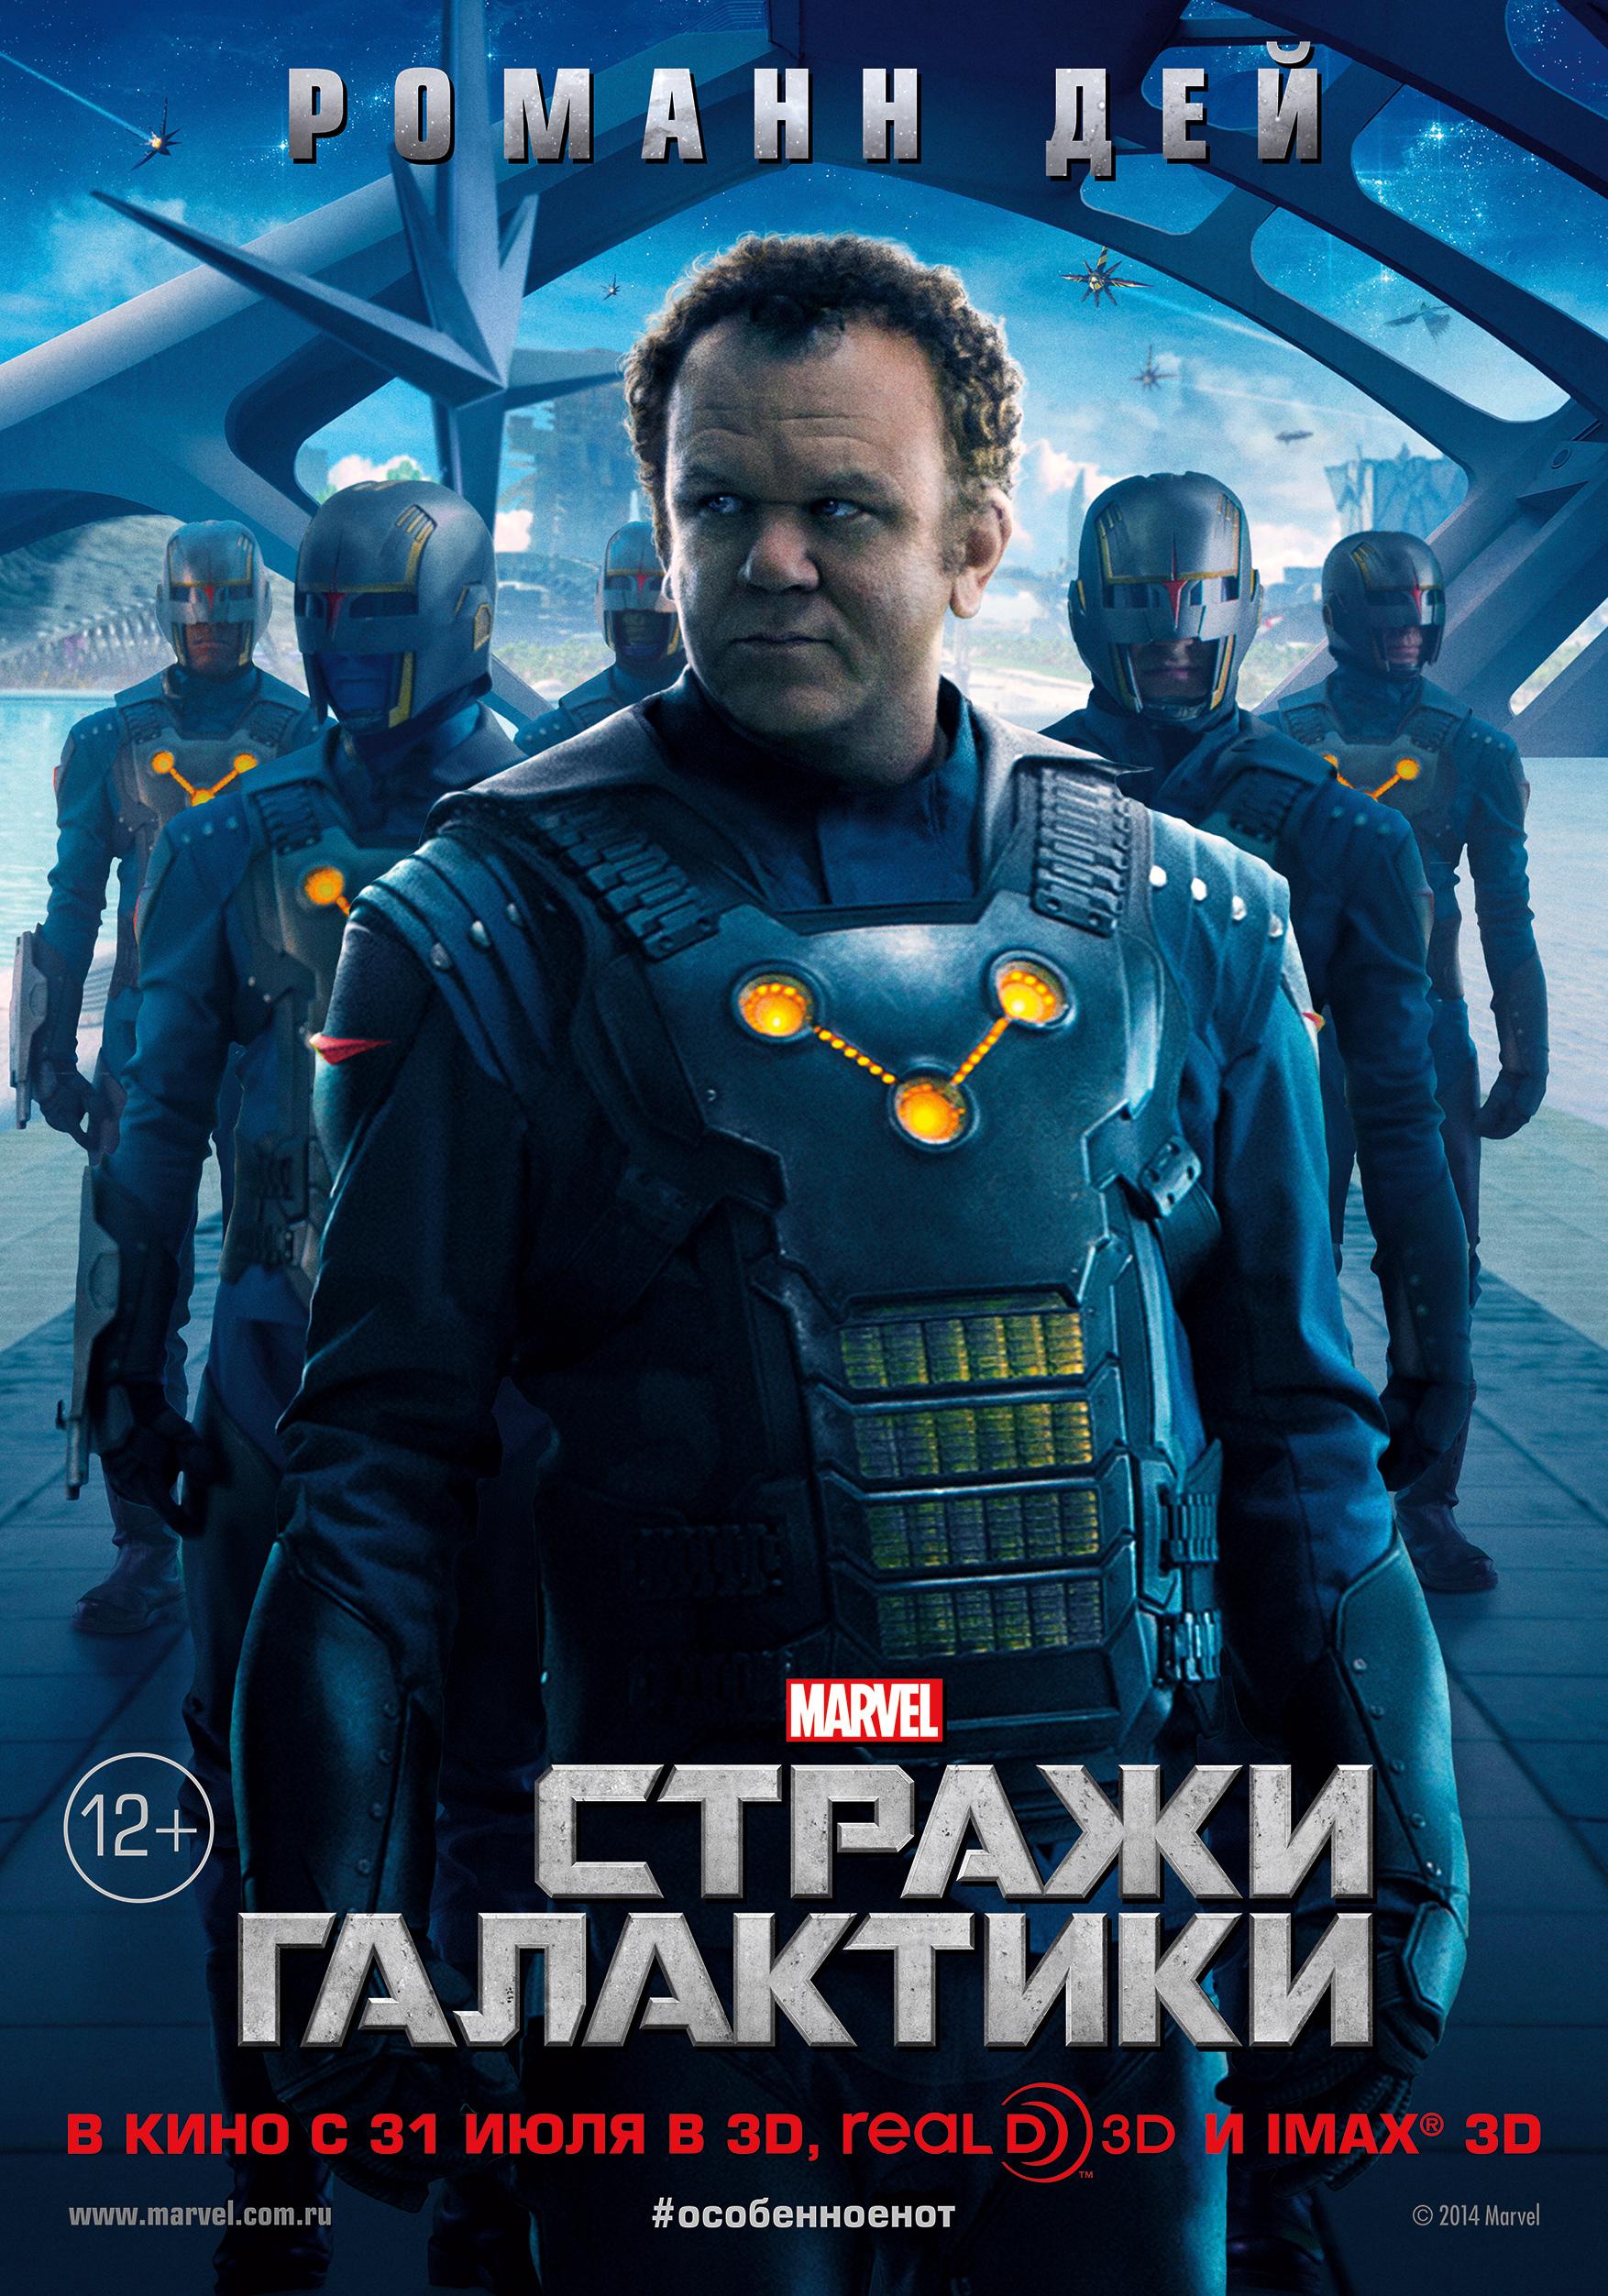 плакат фильма характер-постер локализованные Стражи Галактики